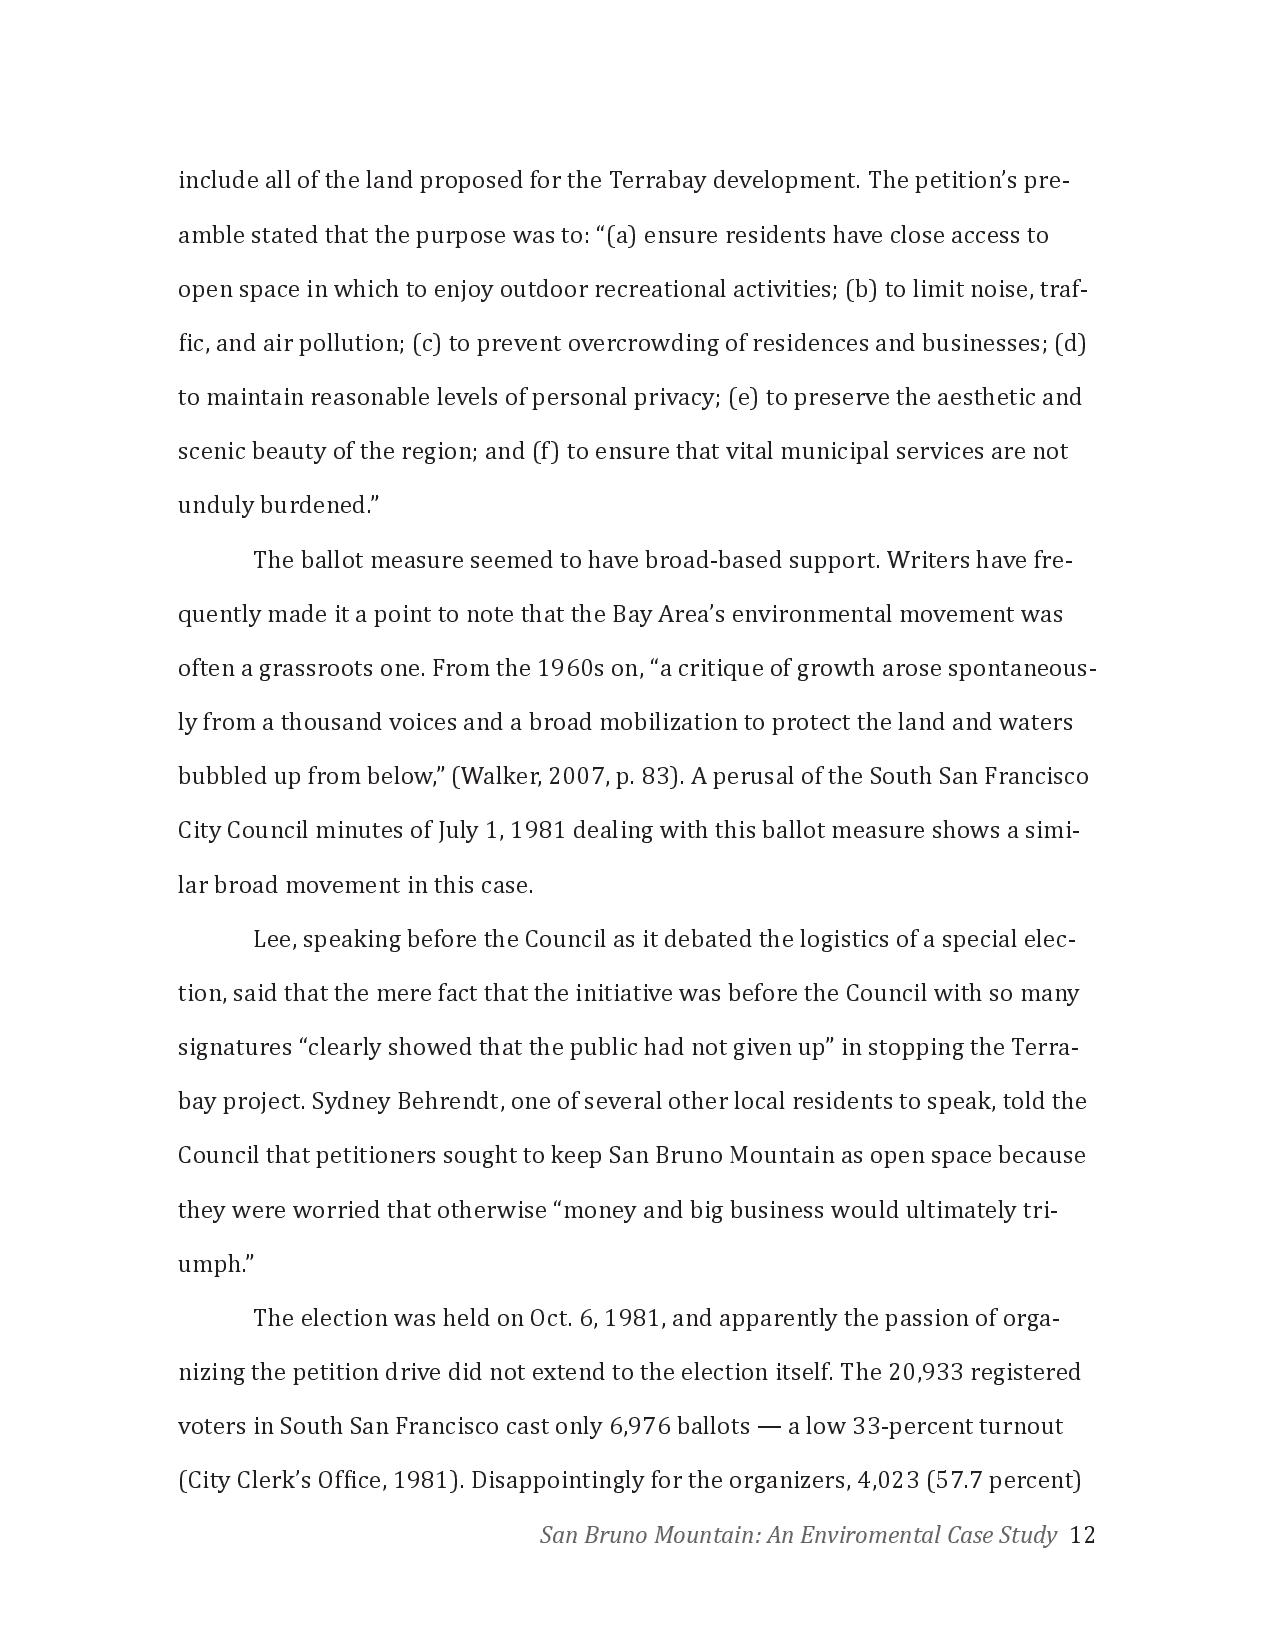 SBM An Environmental Case Study J Baker-page-012